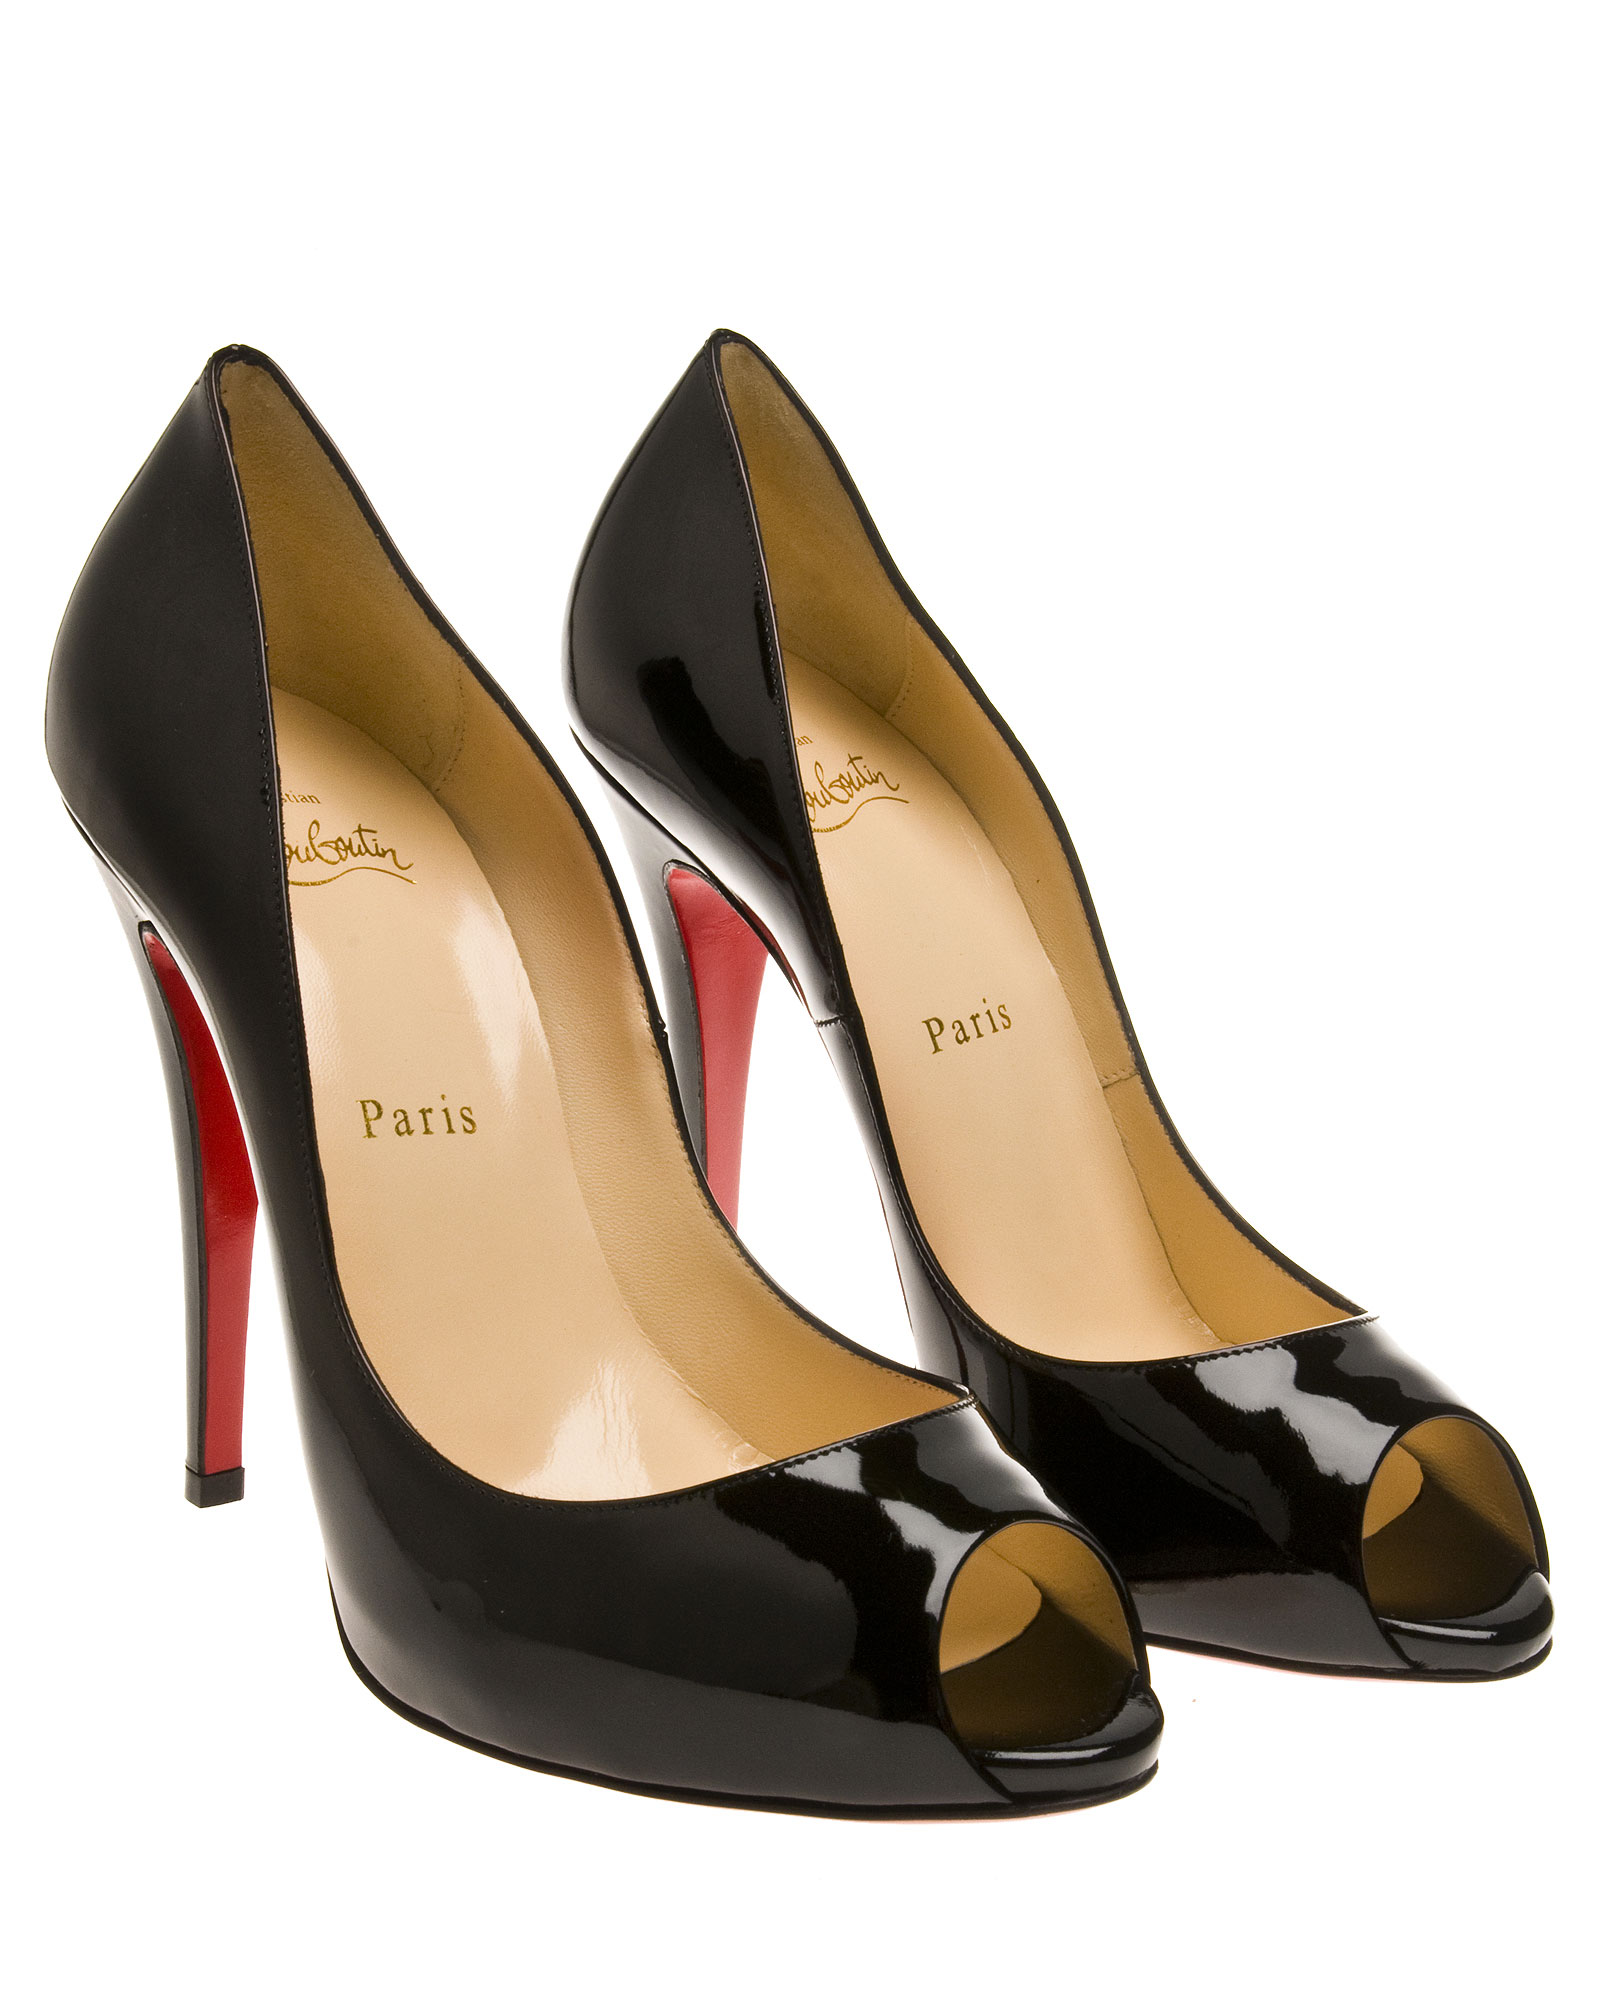 Artesur ? christian louboutin Lady Claude pumps Black leather